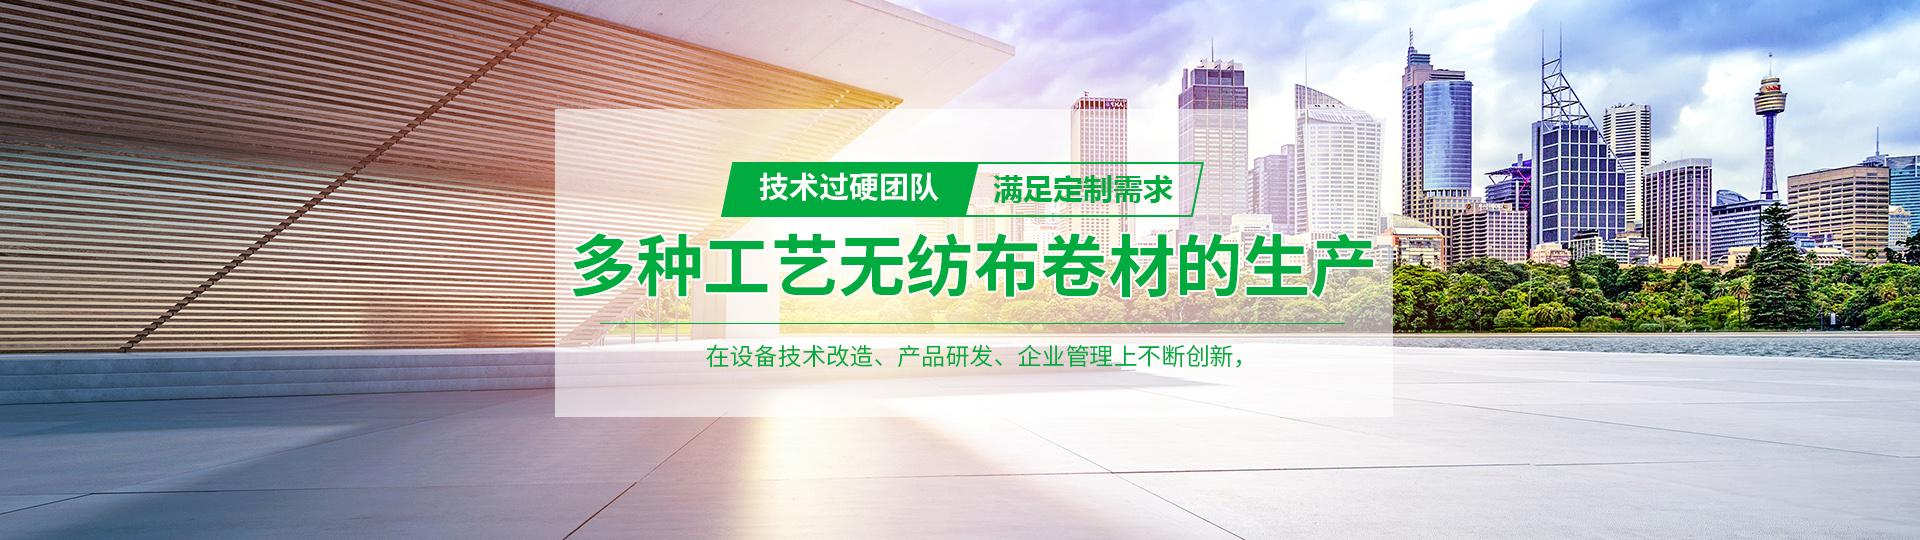 河南树仁新材料有限公司